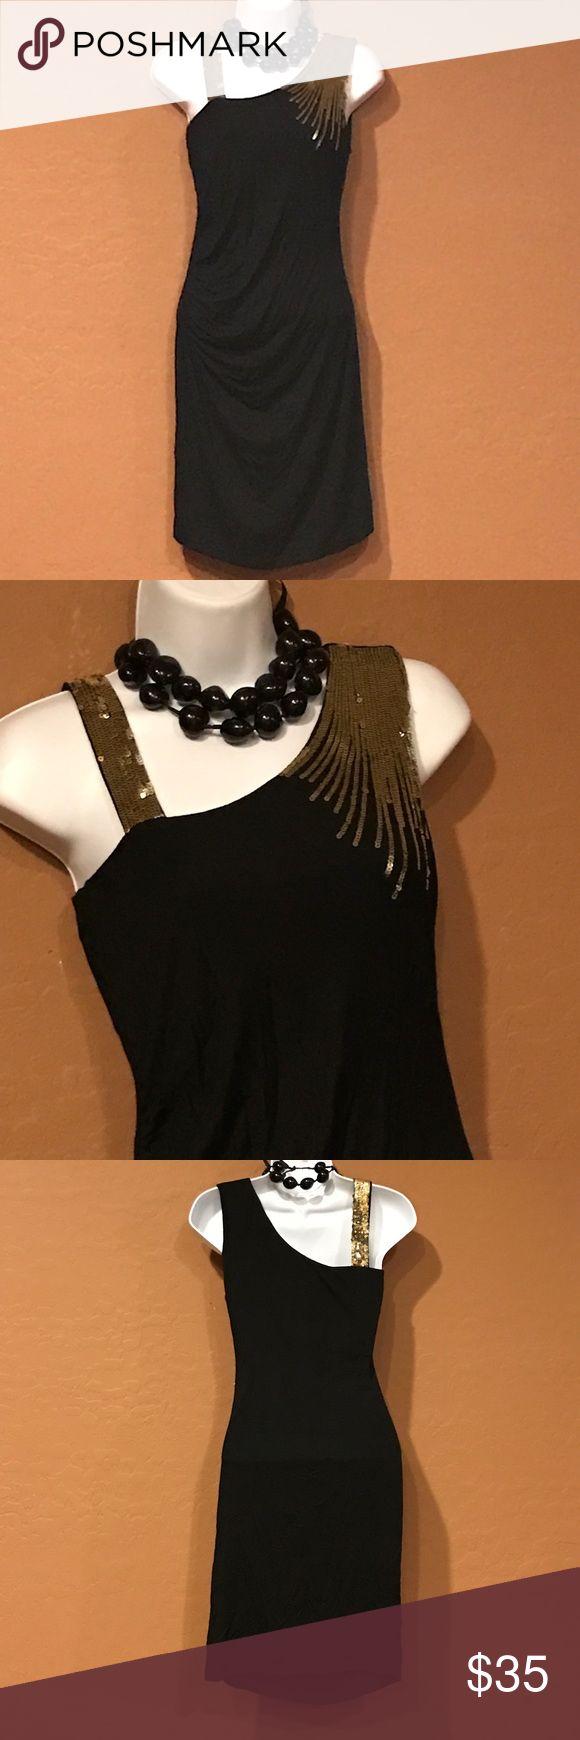 🆕 Short Black Gold Cocktail Dress Never Worn, stretch, embellished gold sequin scraps, above knee. Twentyone Dresses